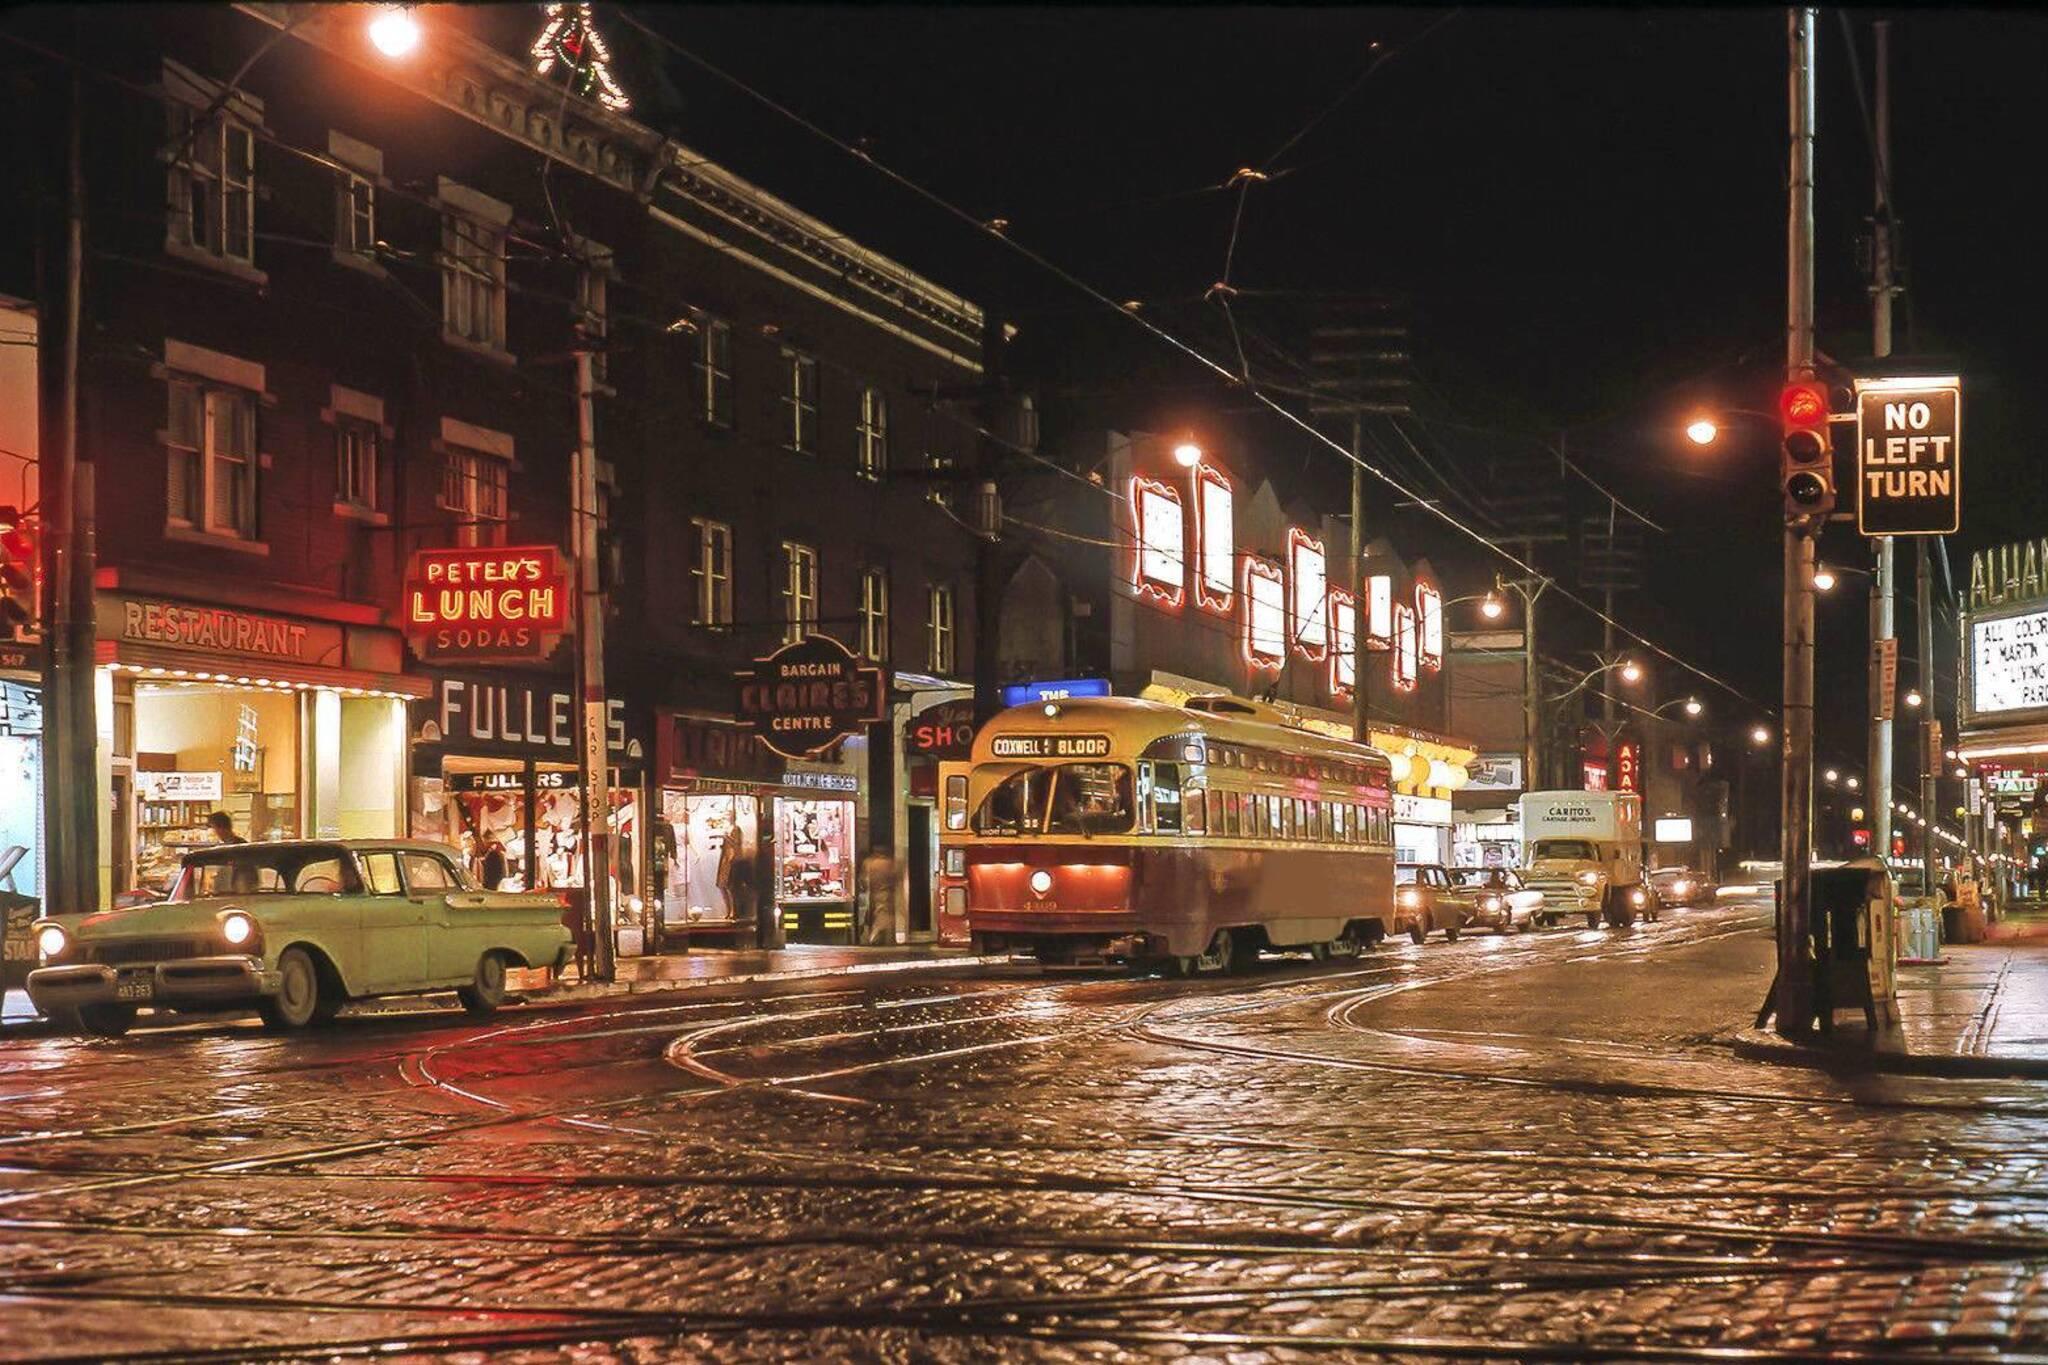 toronto night 1960s